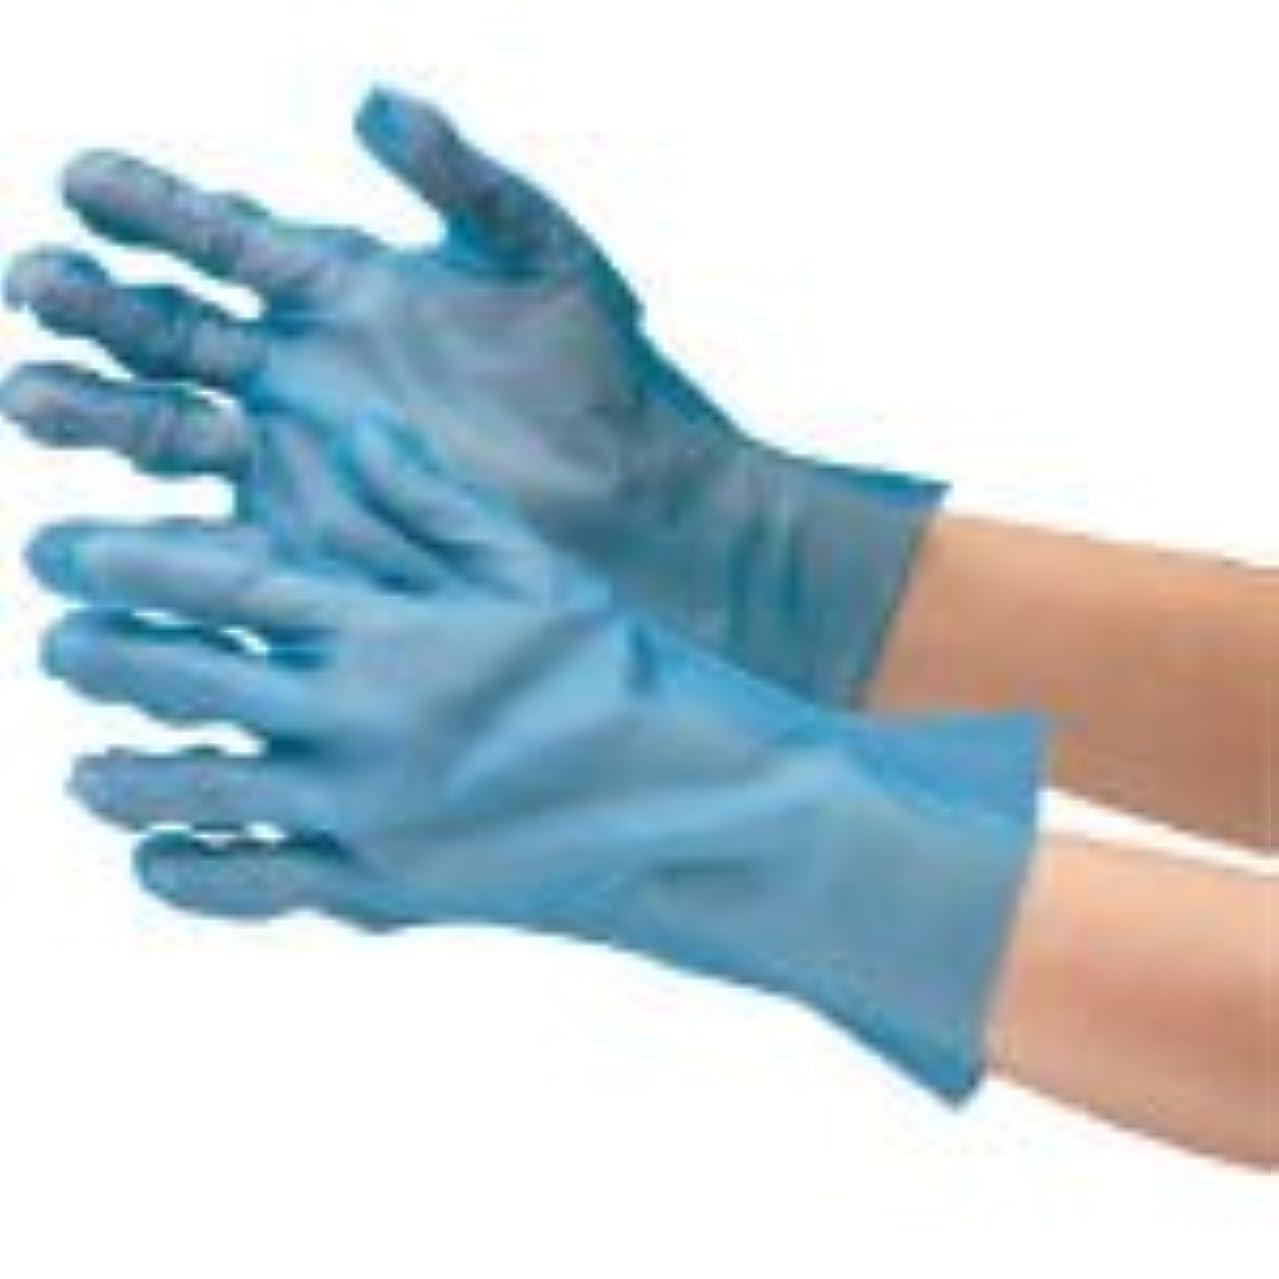 犯す極めて重要なレバーミドリ安全/ミドリ安全 ポリエチレン使い捨て手袋 外エンボス 200枚入 青 S(3915310) VERTE-576-S